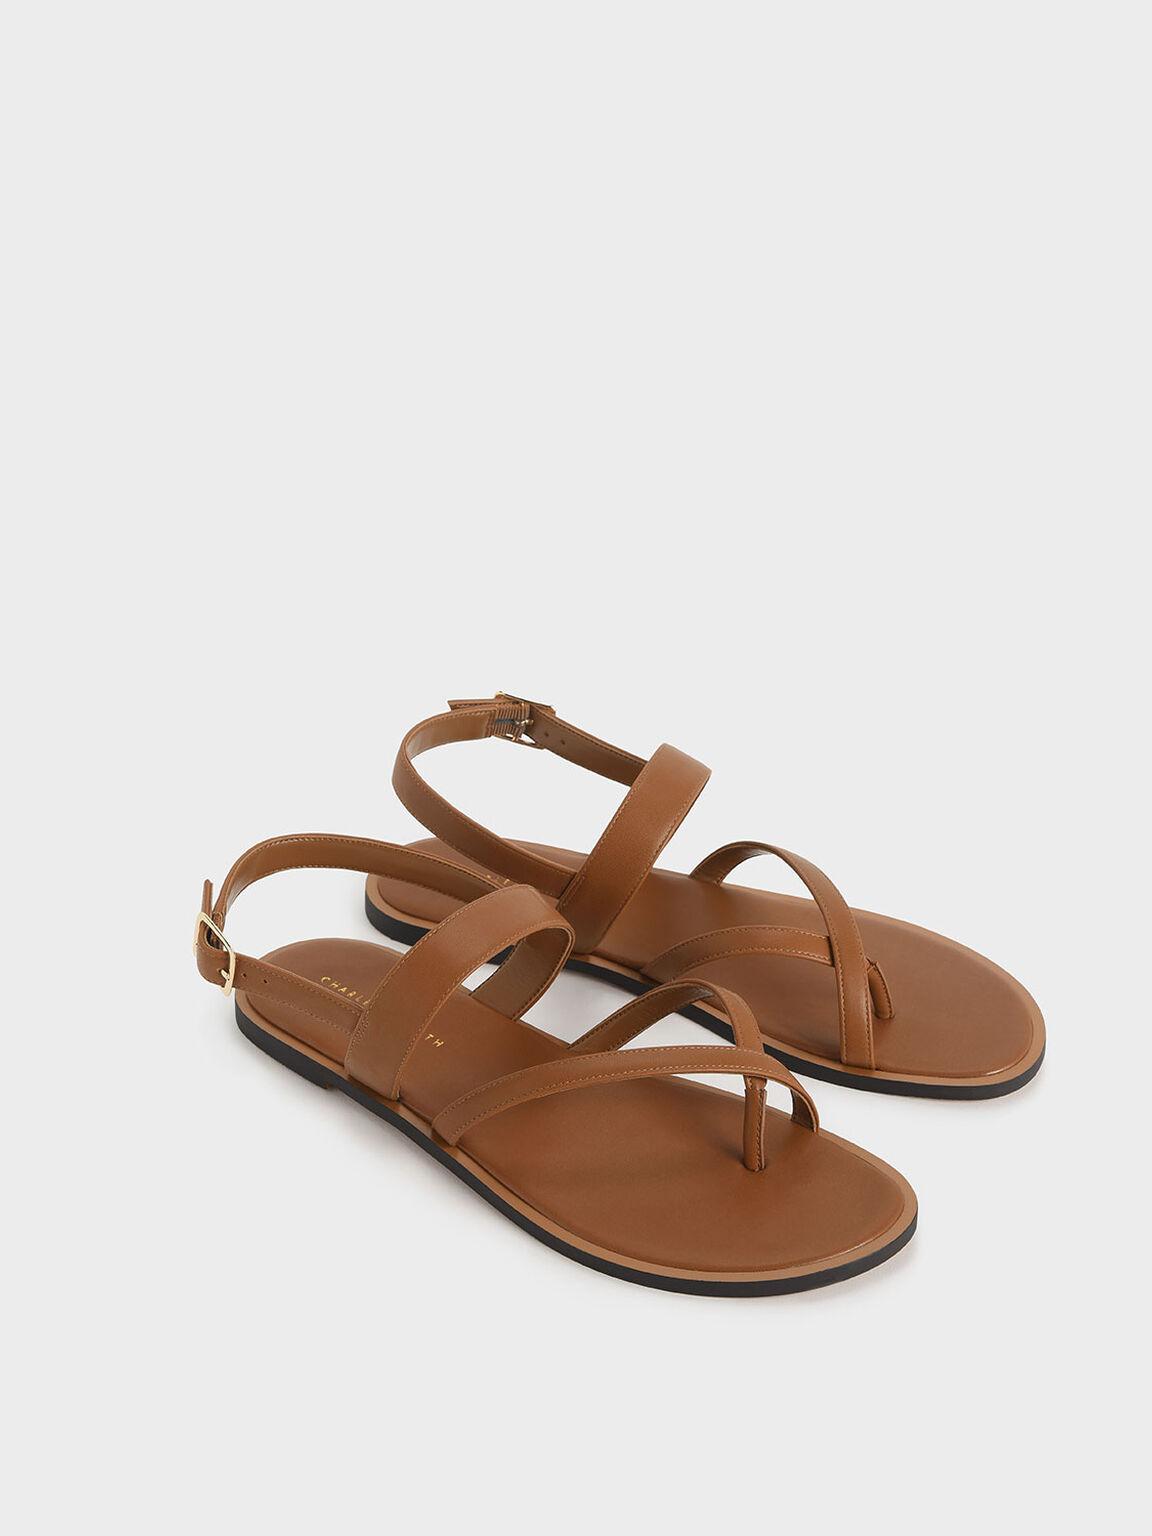 夾腳平底涼鞋, 咖啡色, hi-res